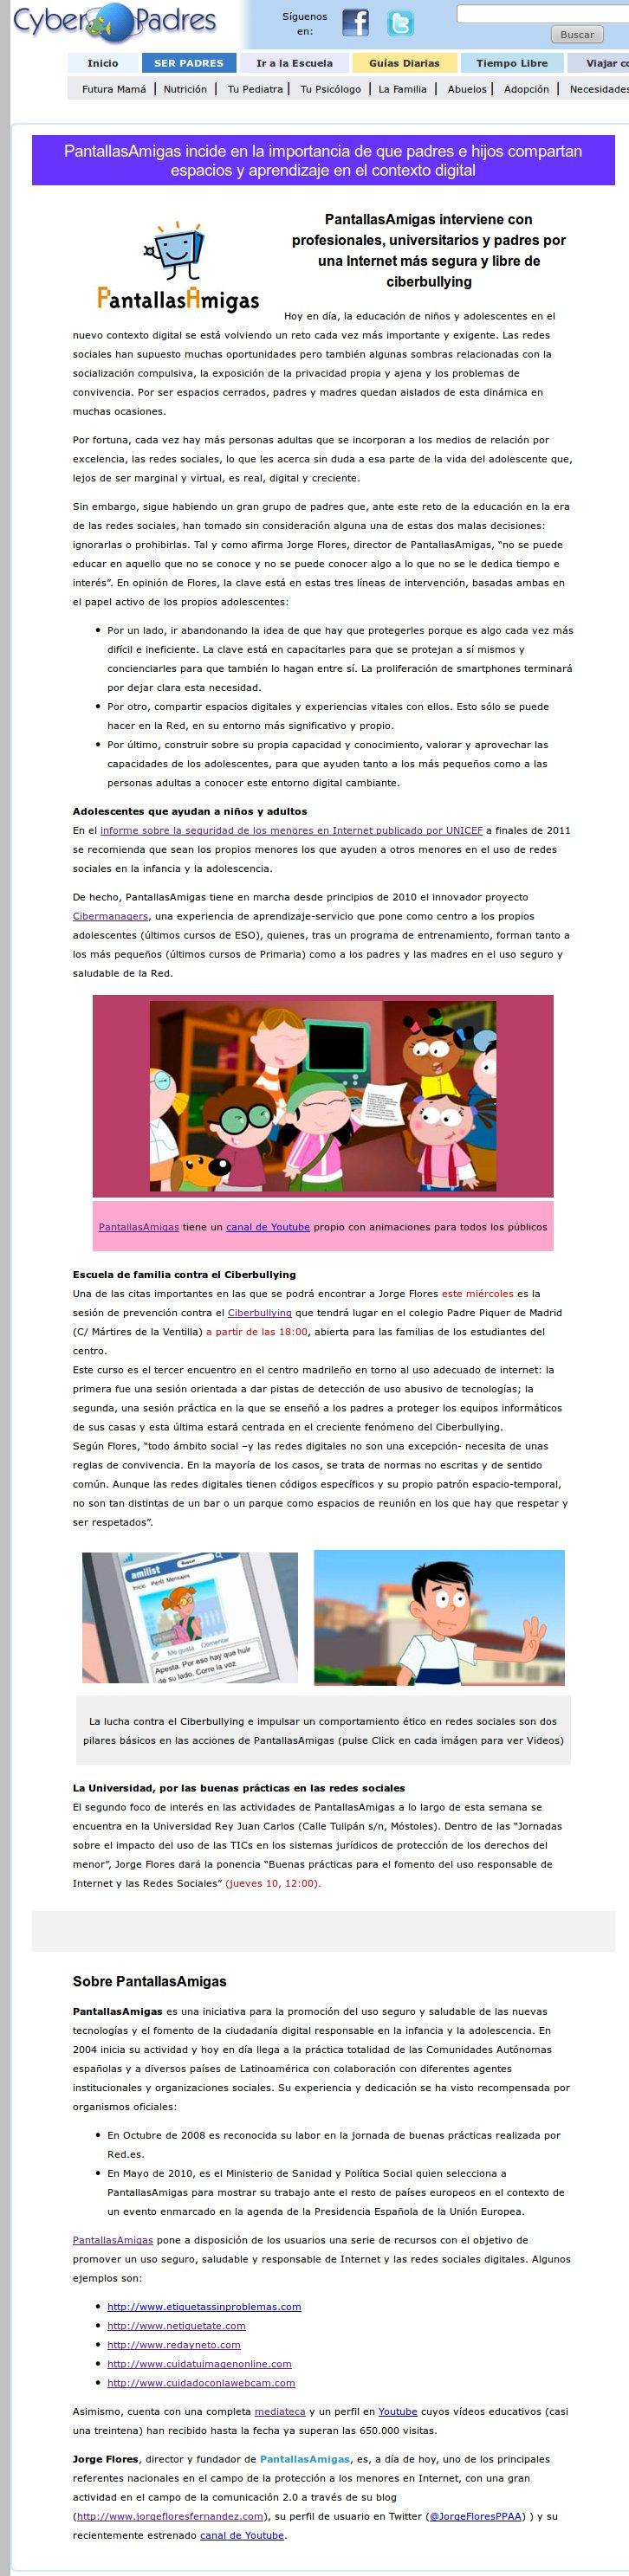 PantallasAmigas incide en la importancia de que padres e hijos compartan espacios y aprendizaje en el contexto digital